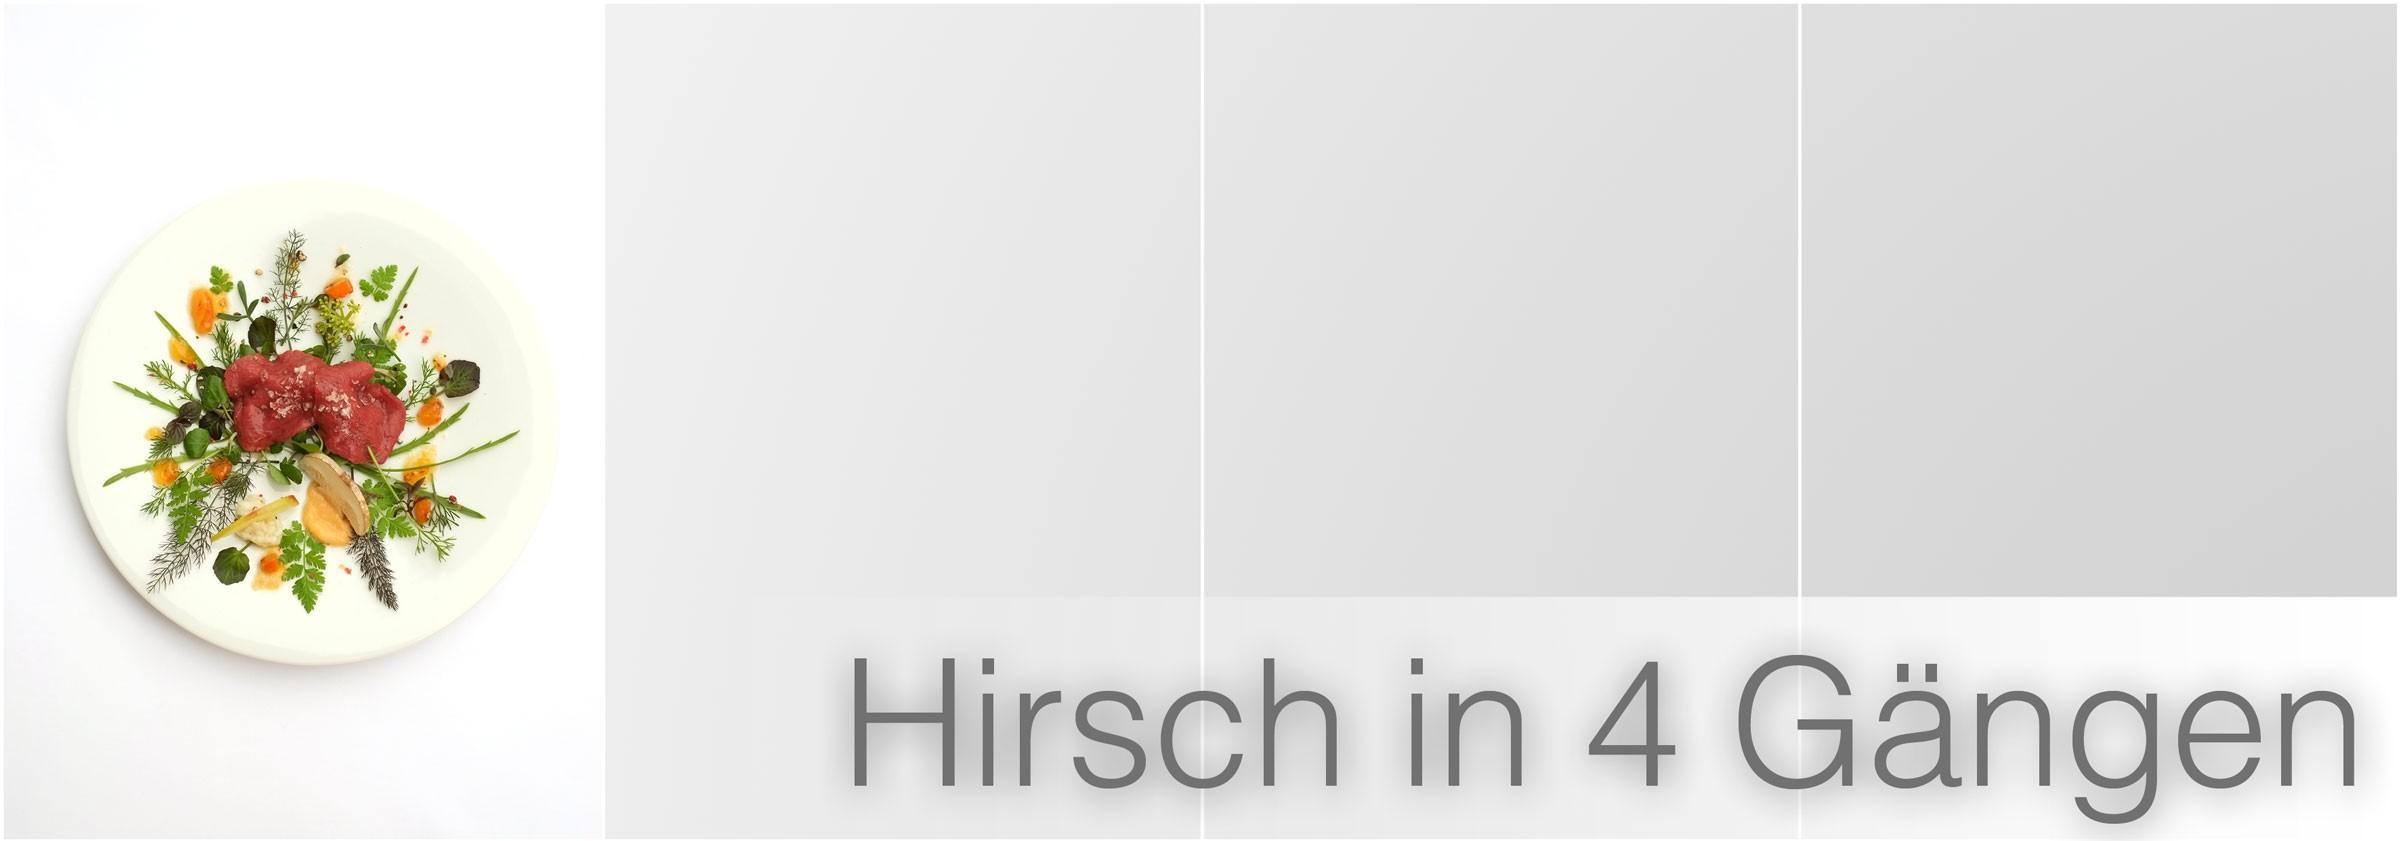 Hirsch-in-4-Gängen-1